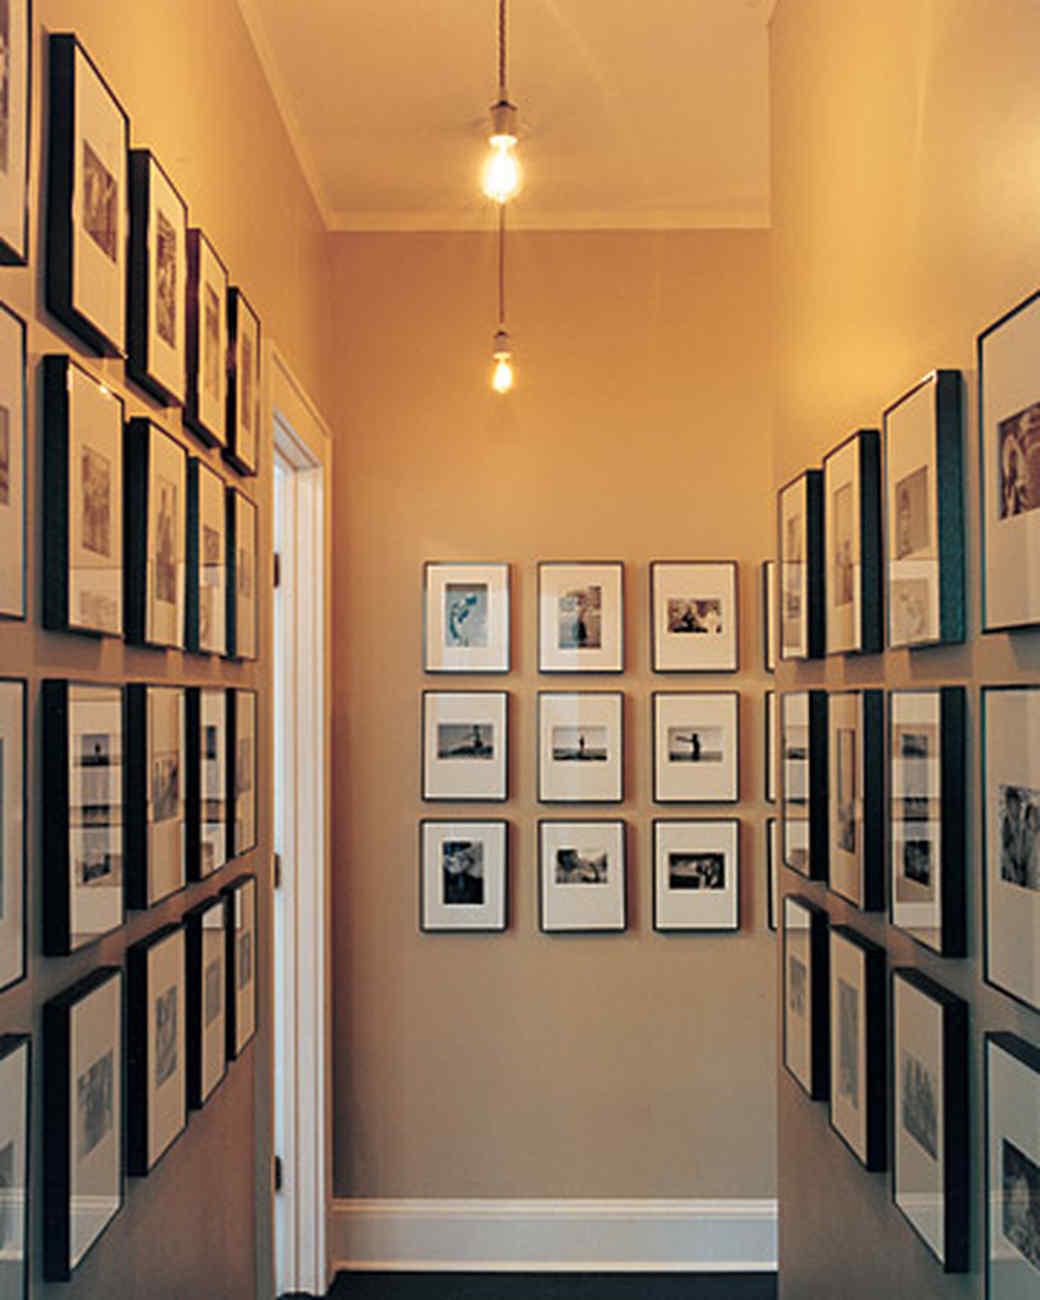 ml0903_0903_hallway.jpg